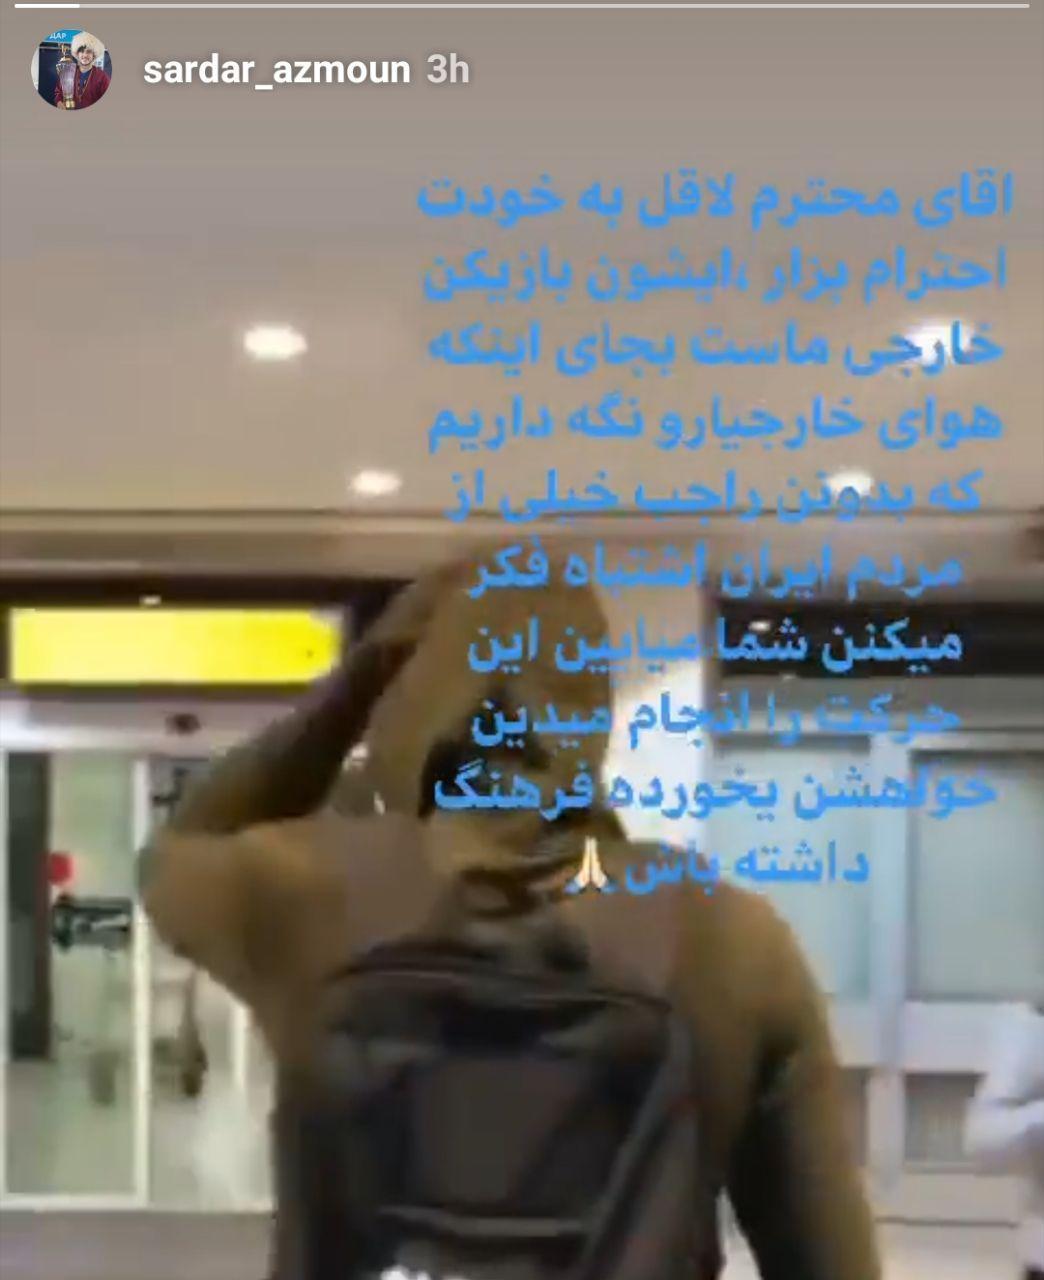 حمایت سردار آزمون از شیخ دیاباته + عکس